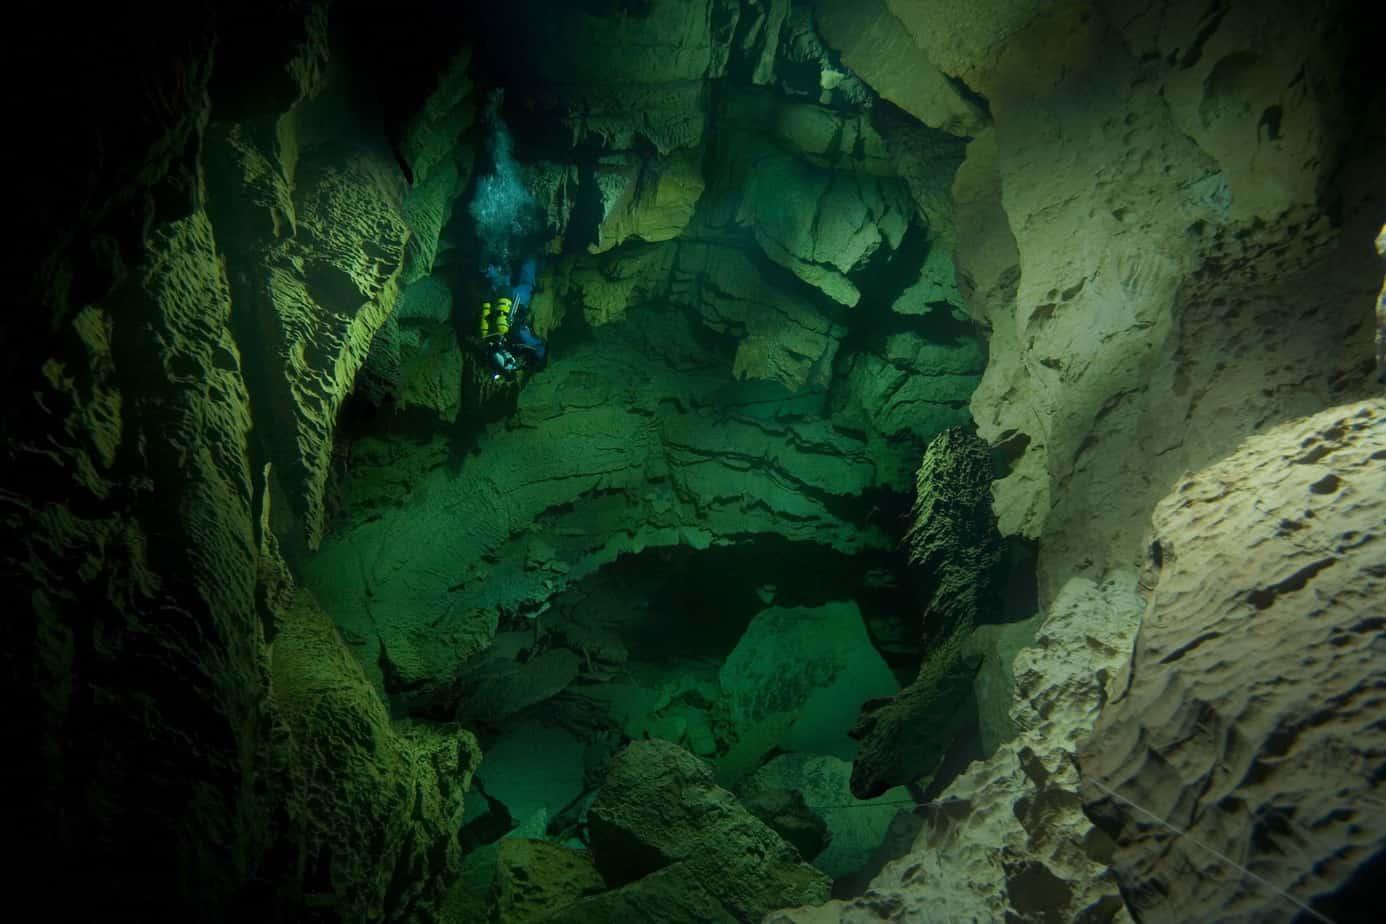 Een foto van een grot